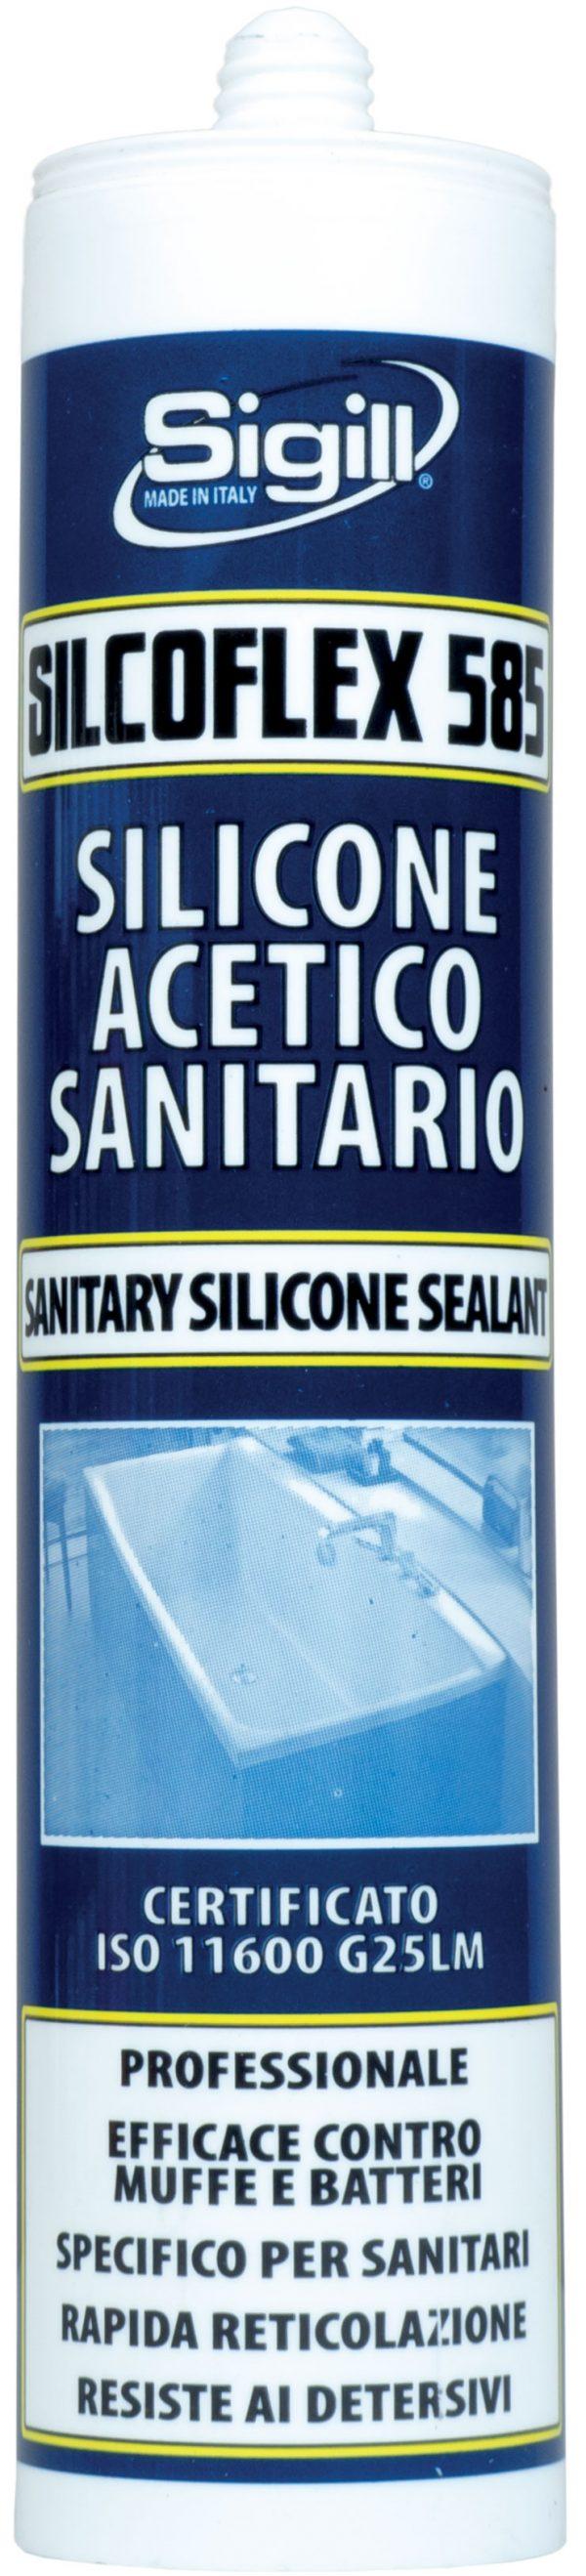 silicone acetico sanitario